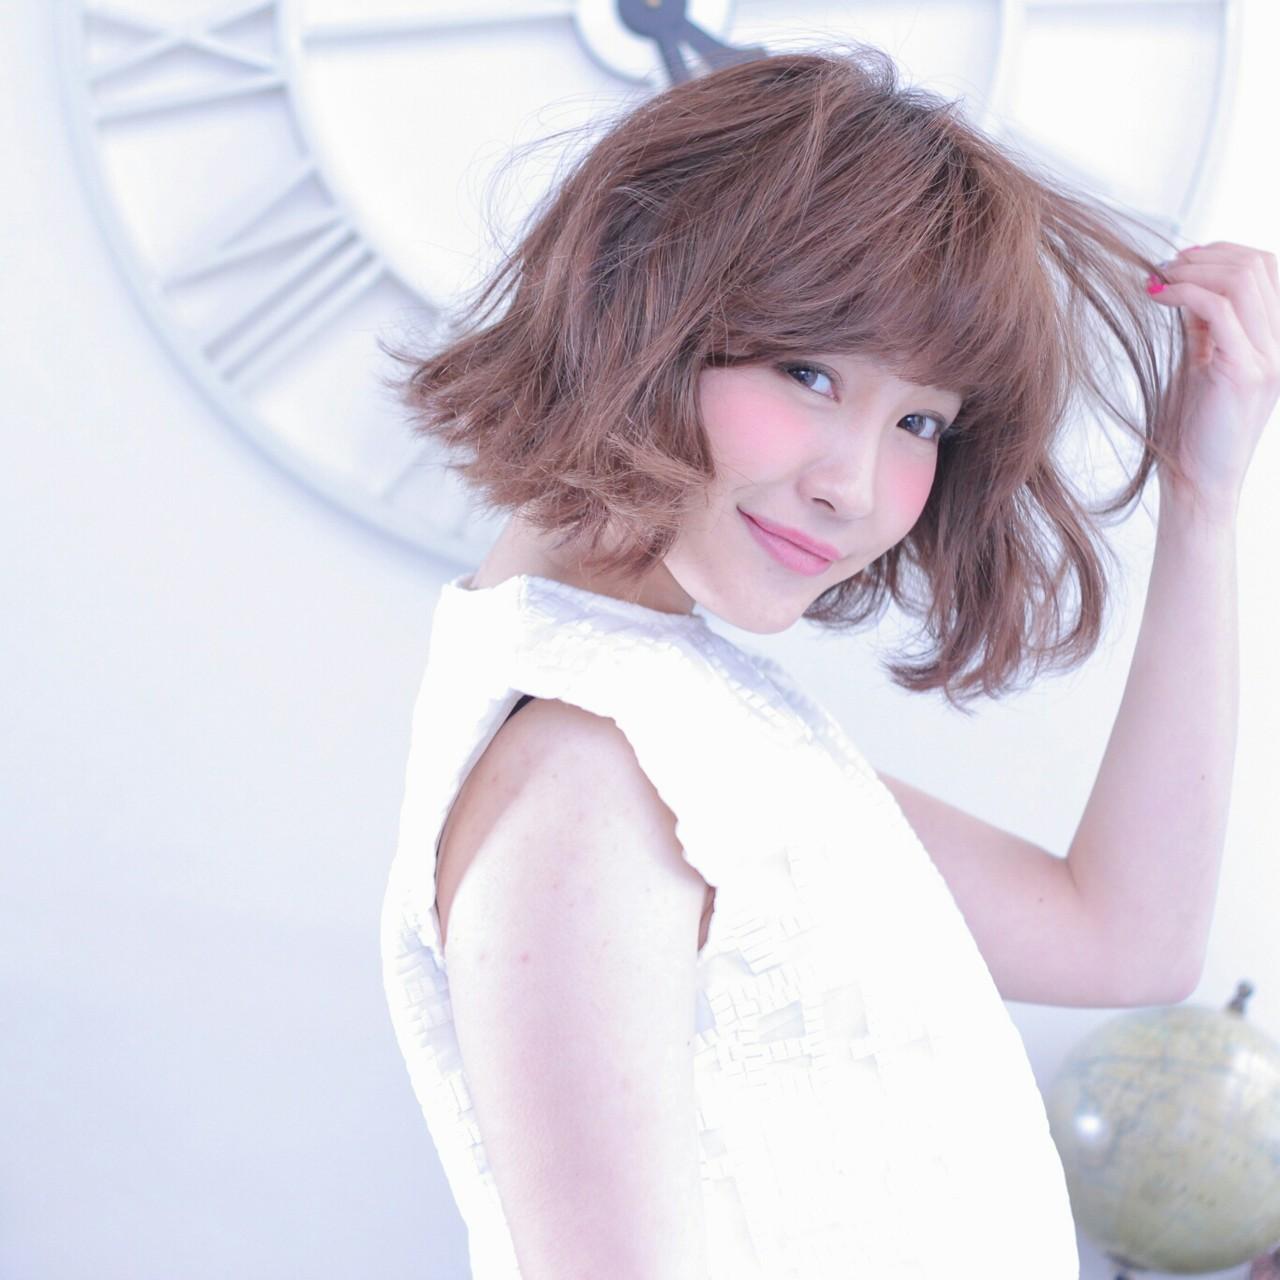 カジュアル切りっぱなしのノームコアスタイルでナチュラル美人 Wataru Maeda